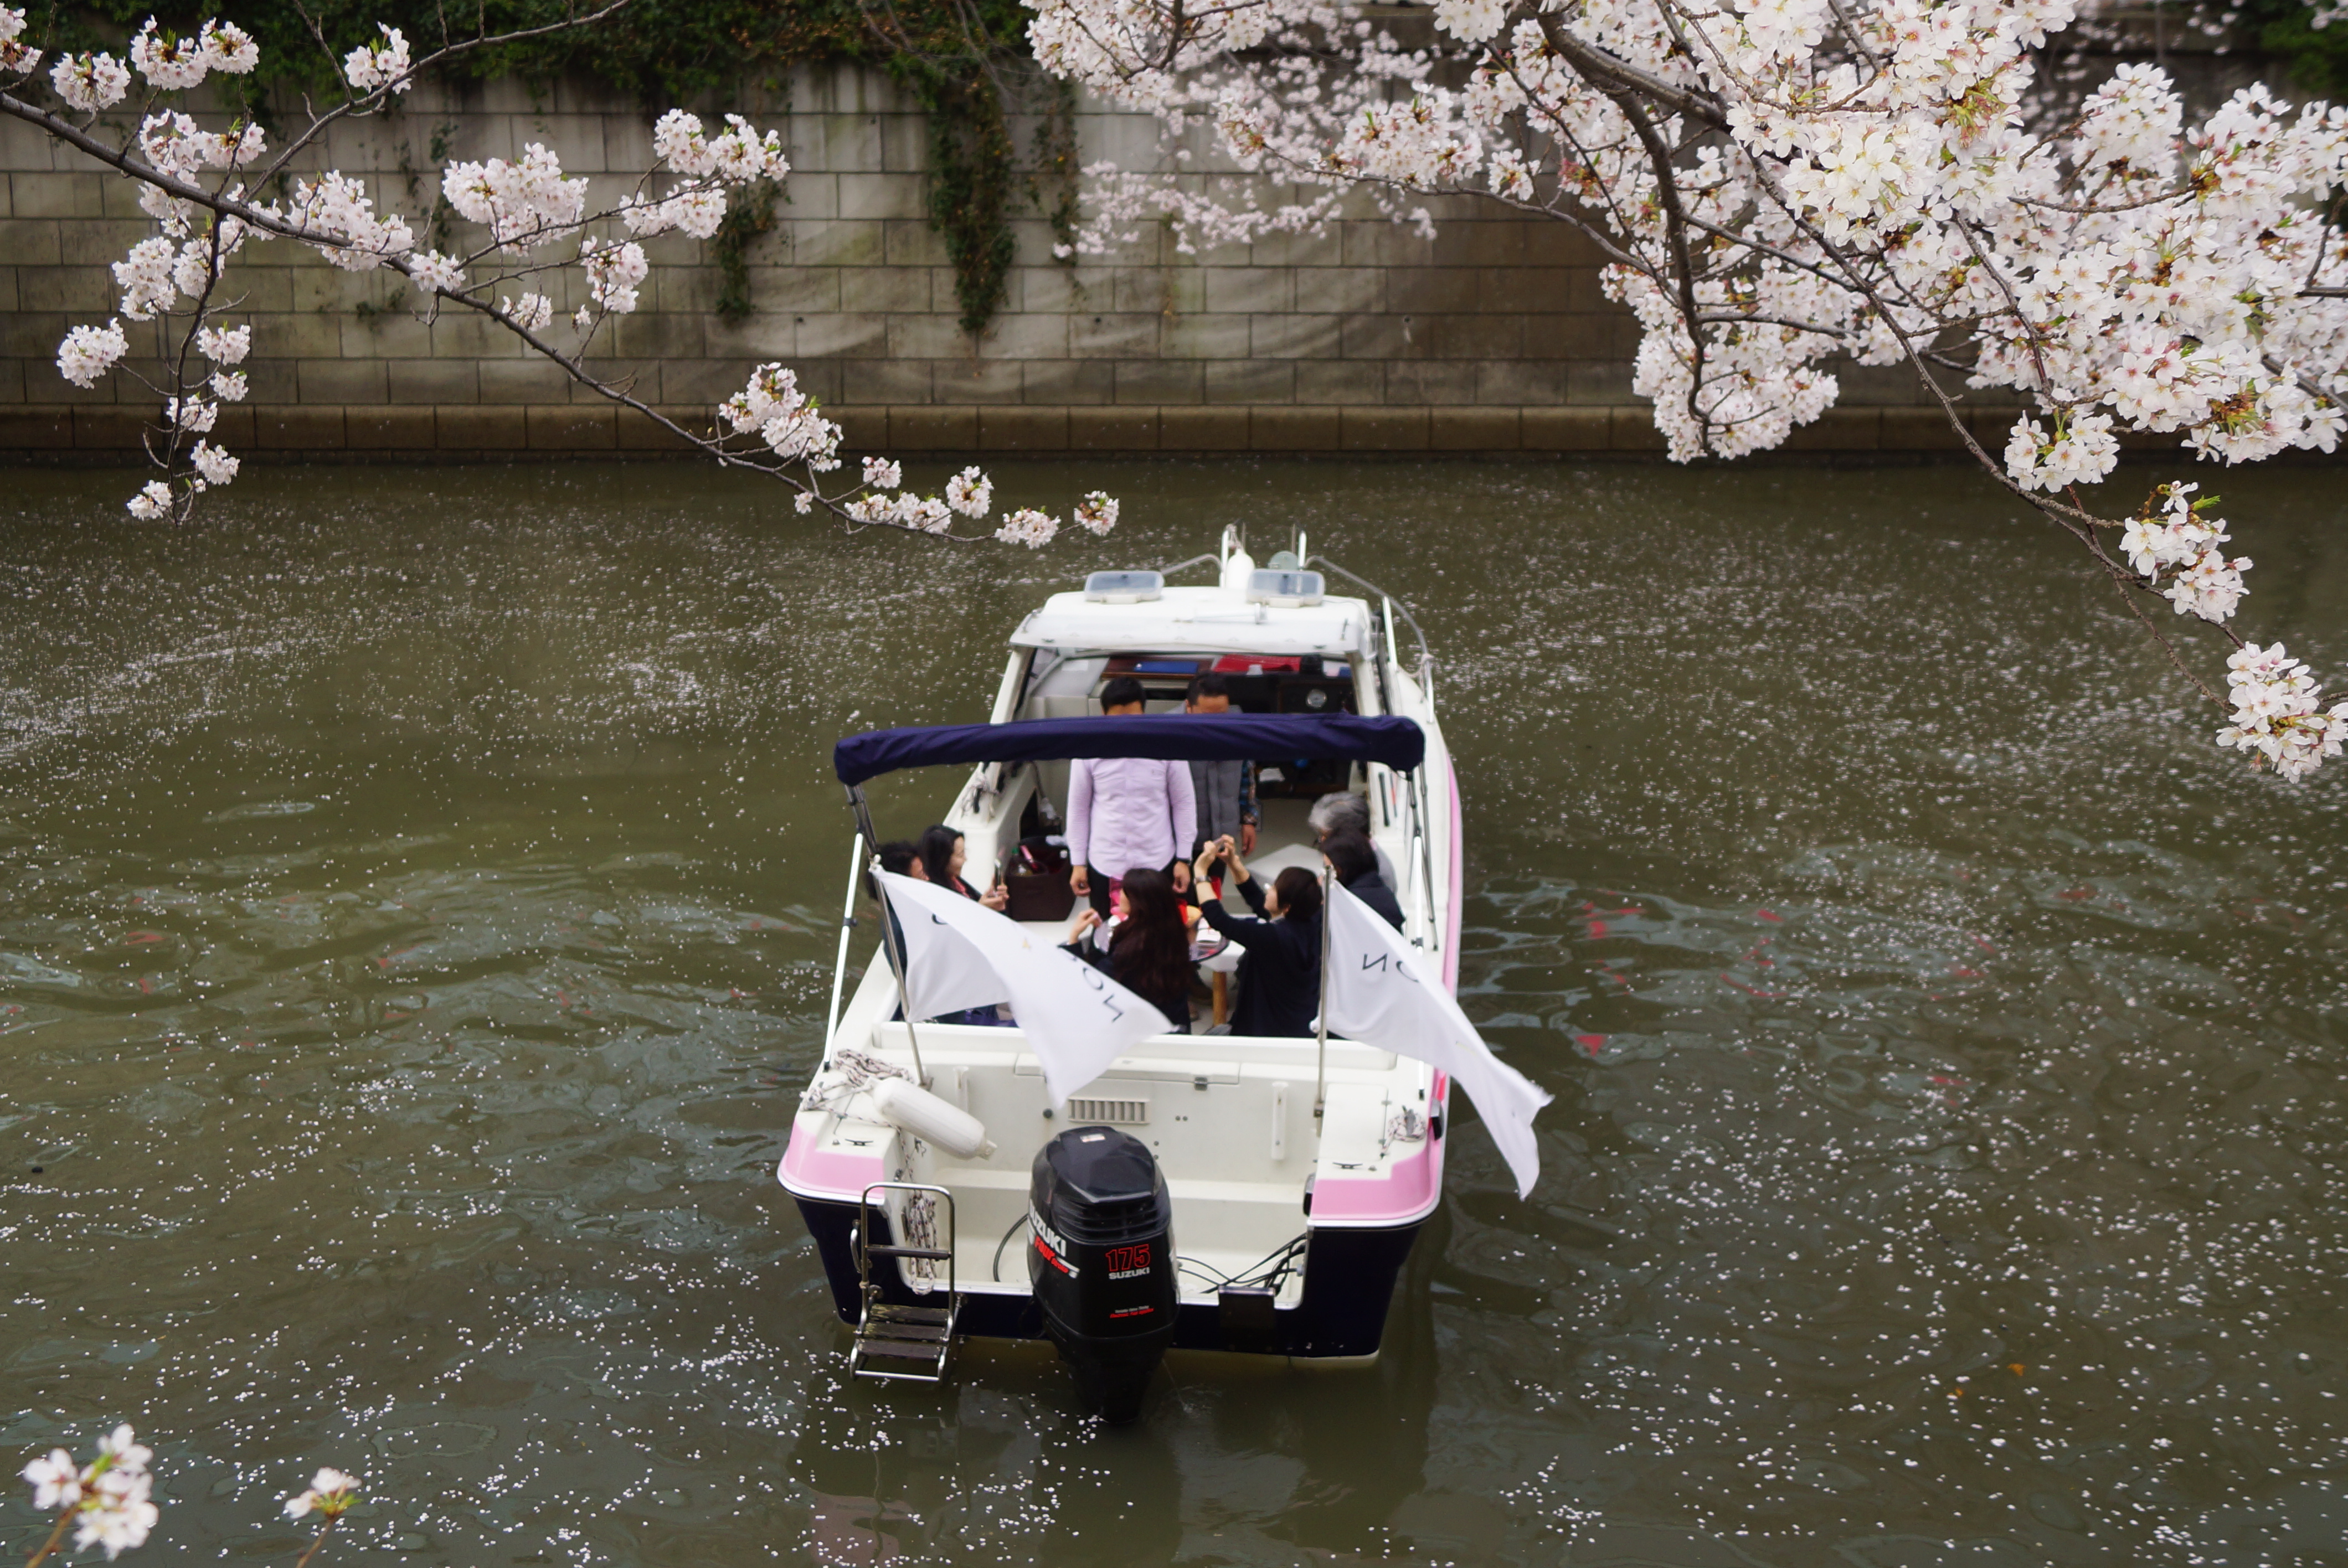 横浜港・大岡川でお花見をしながらクルージングを楽しむ様子